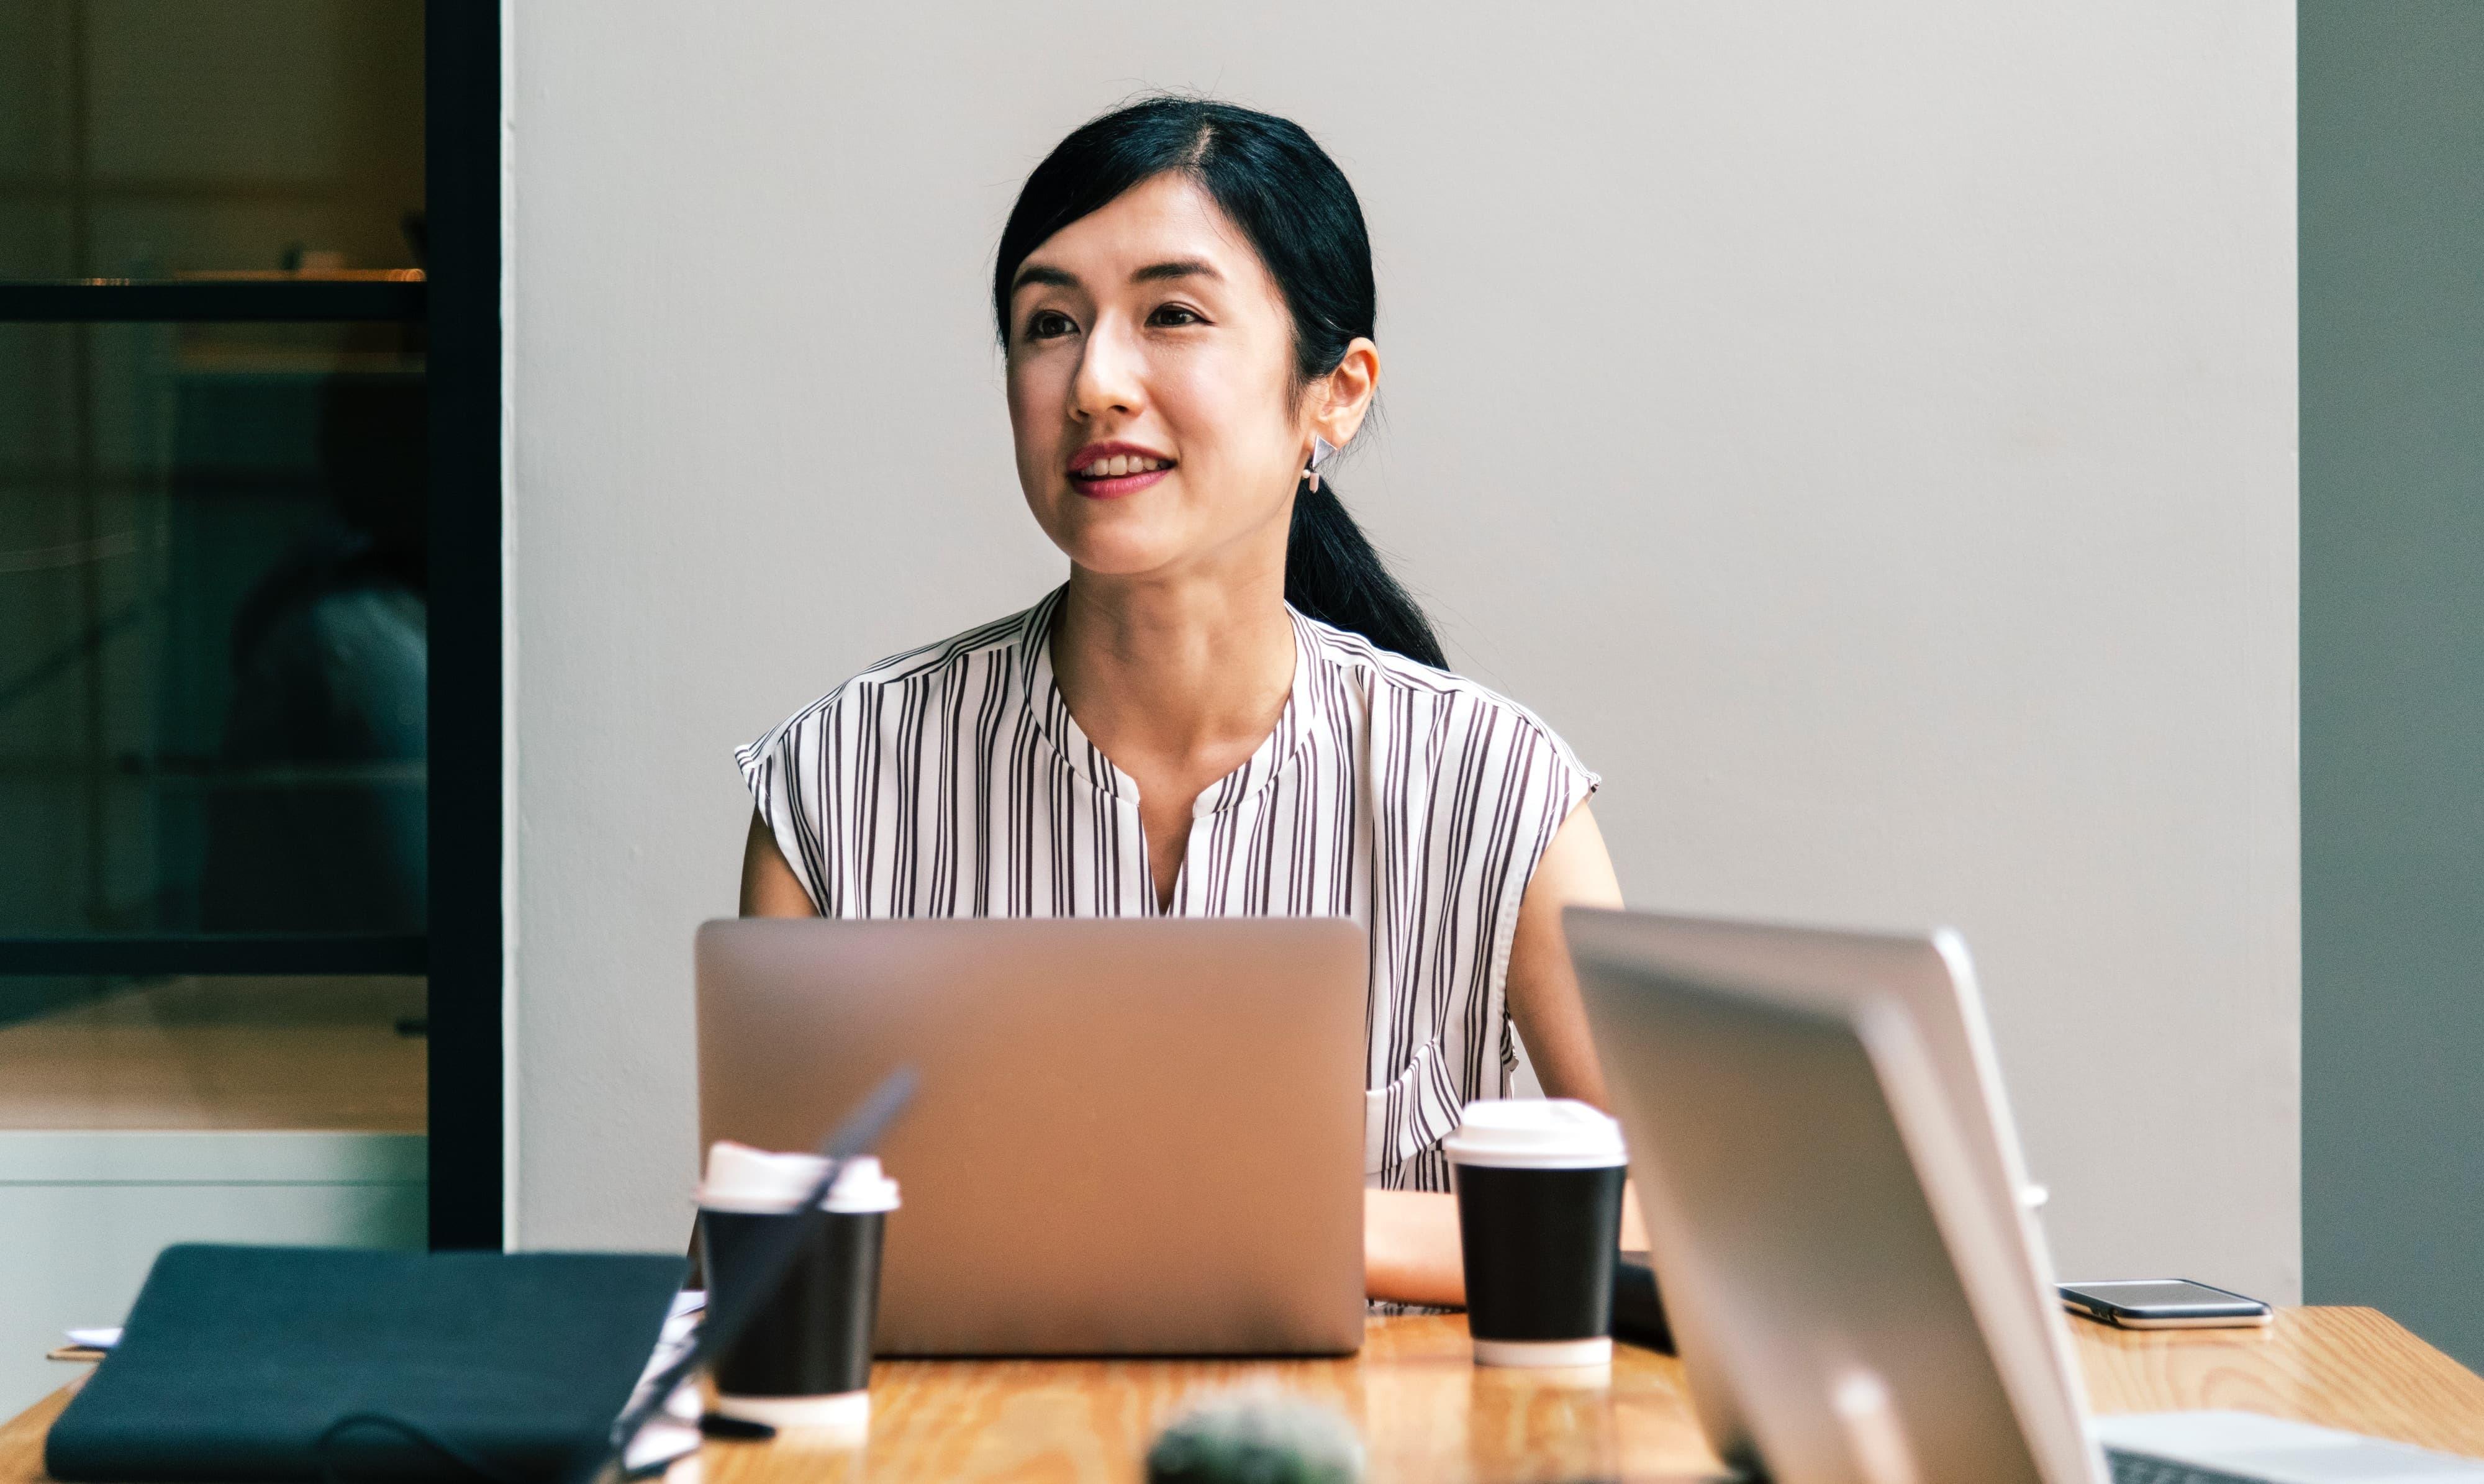 Female startup founder